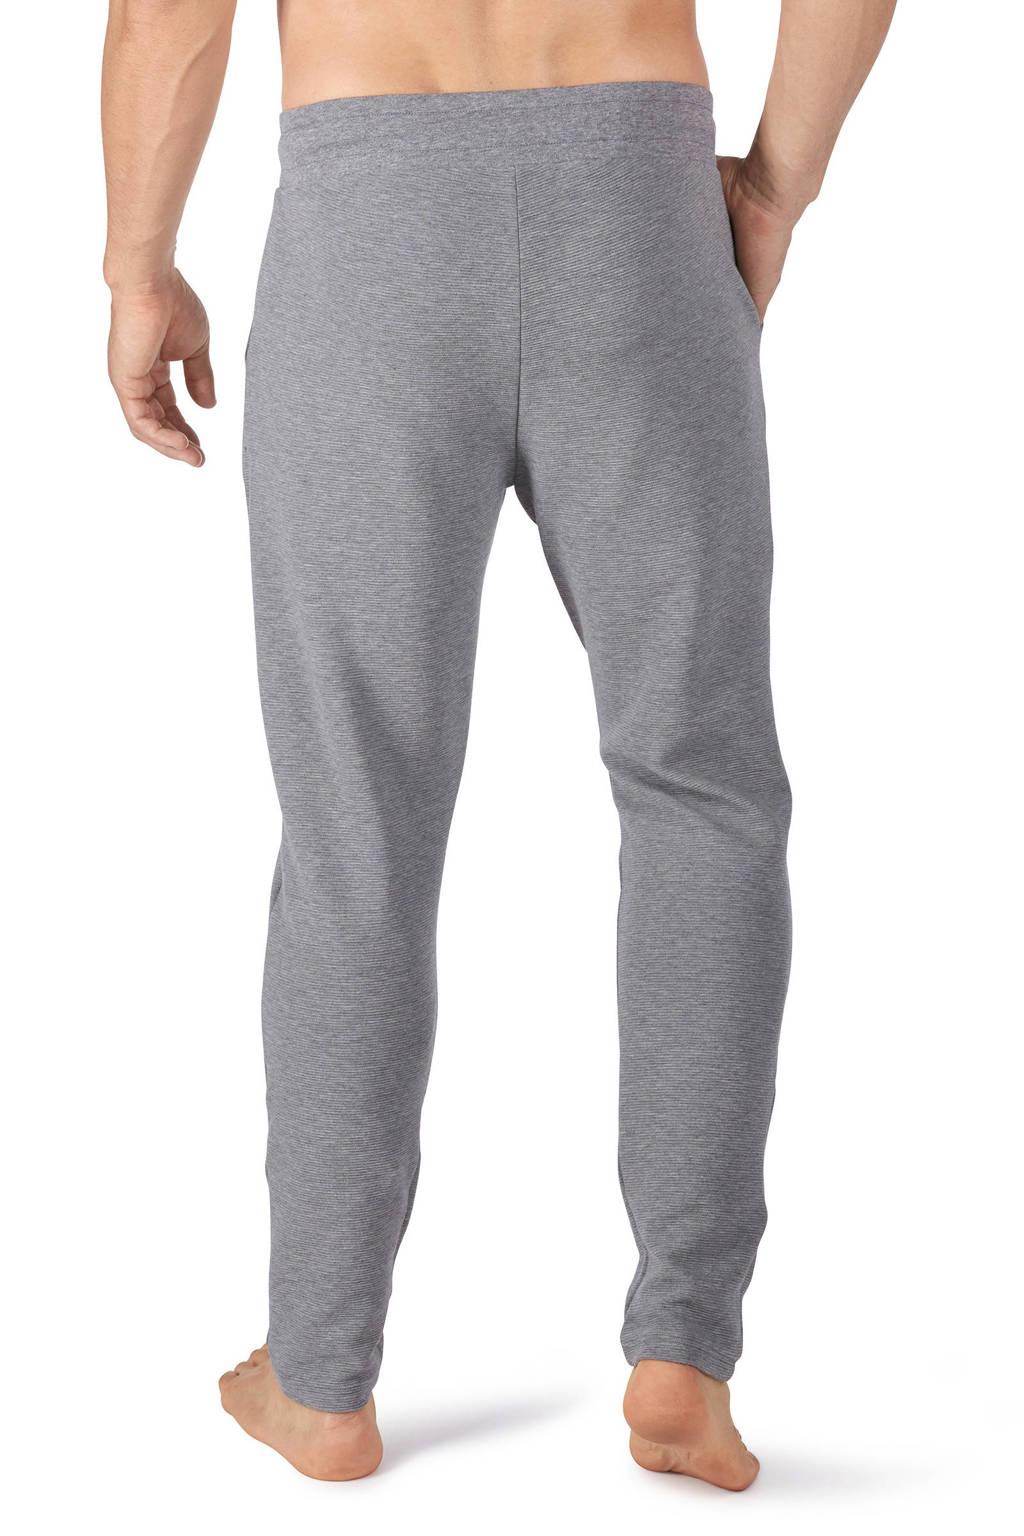 SKINY pyjamabroek grijs, Grijs